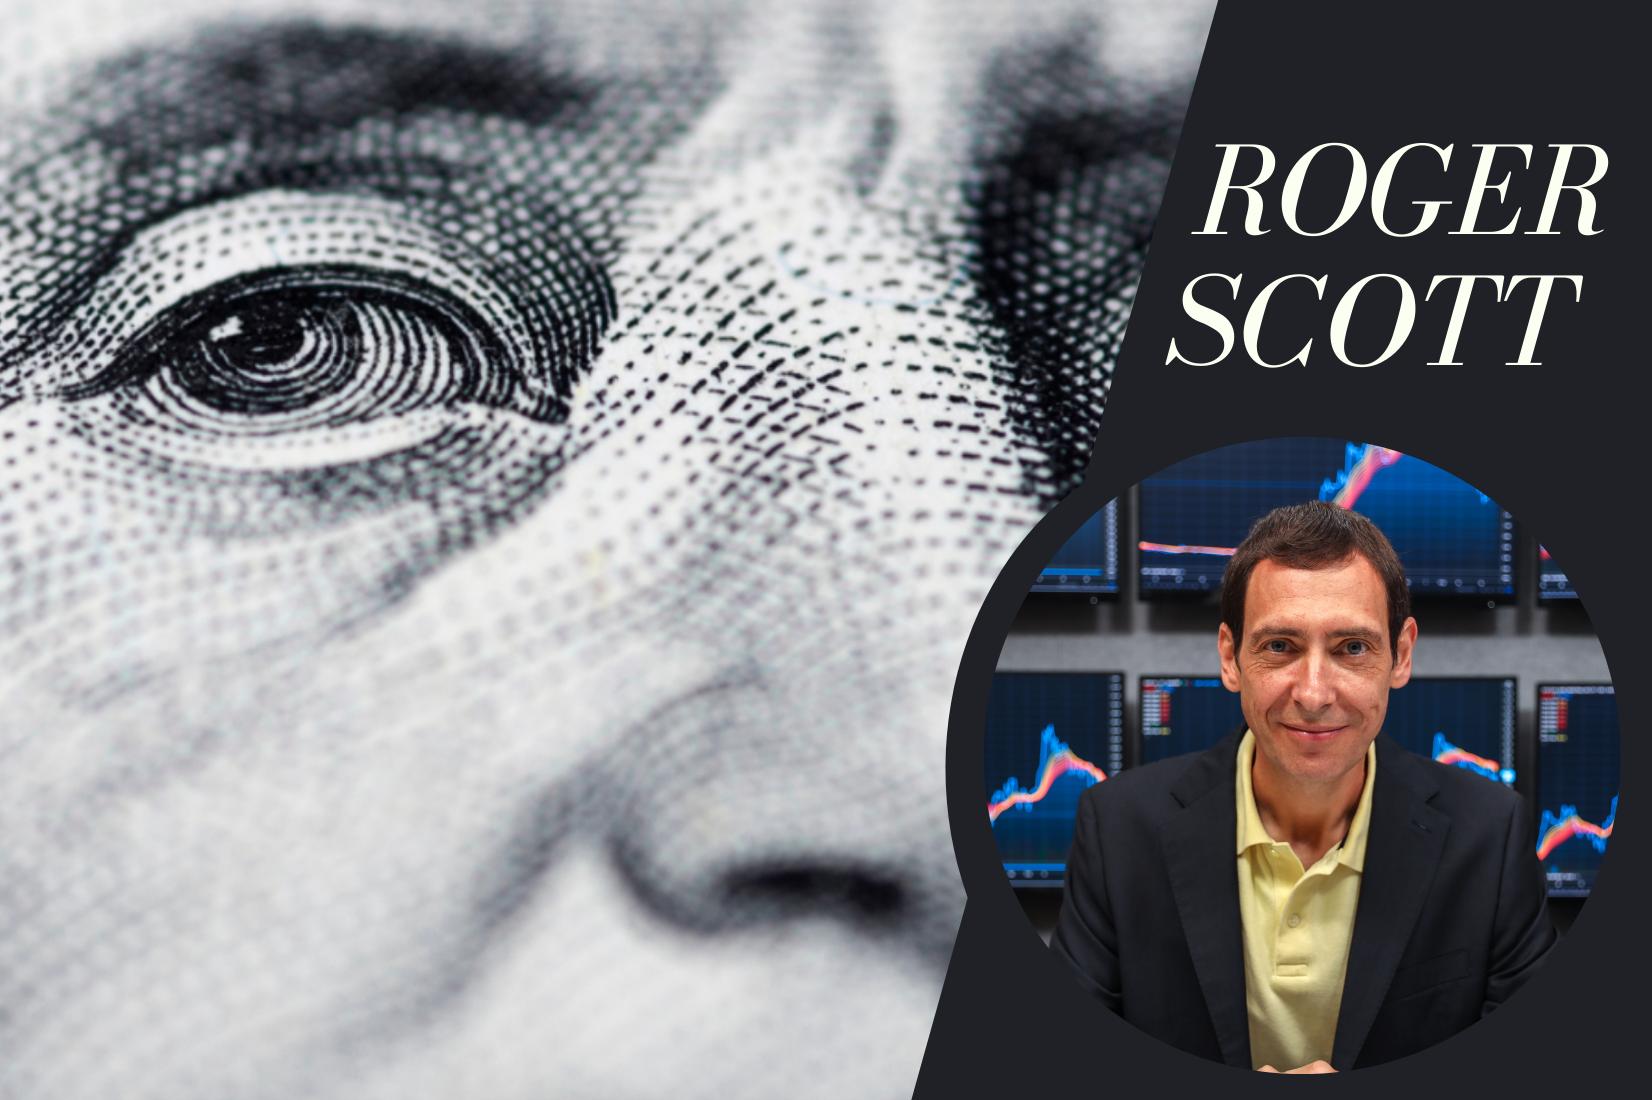 WealthPress Head Trader, Roger Scott